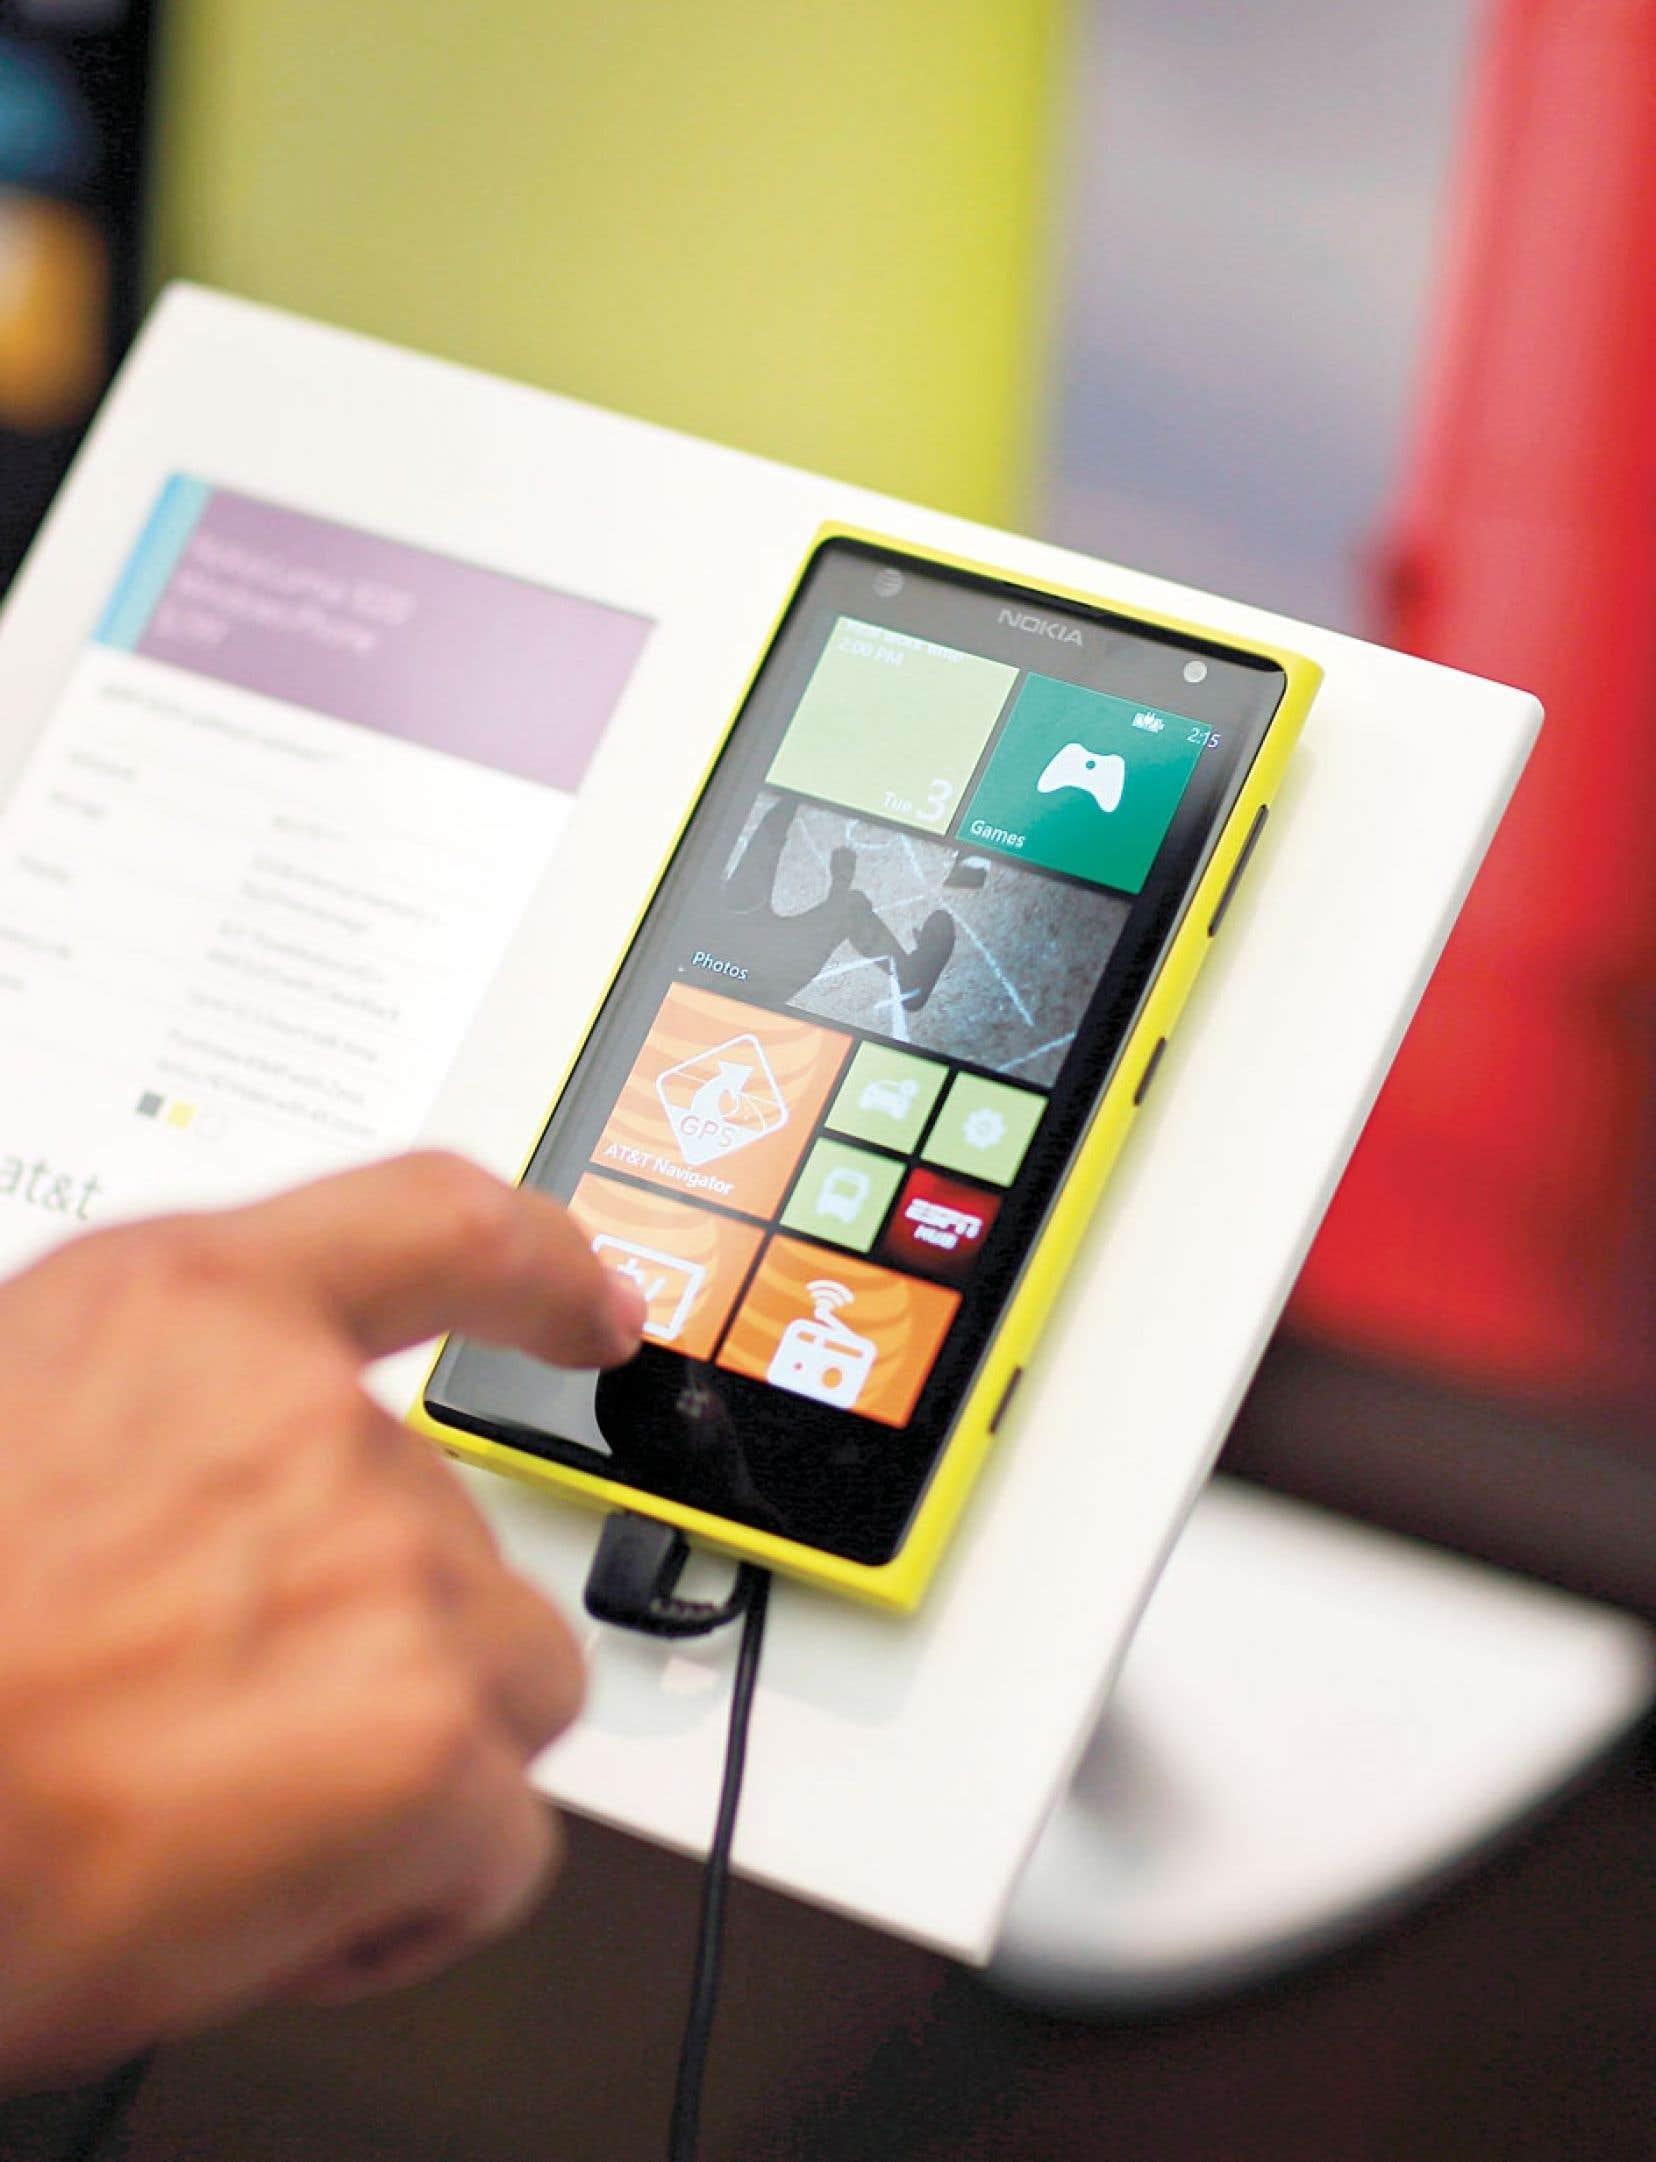 7,2 milliards $US. C'est le montant qu'a versé Microsoft à Nokia pour acquérir ses téléphones et ses brevets.